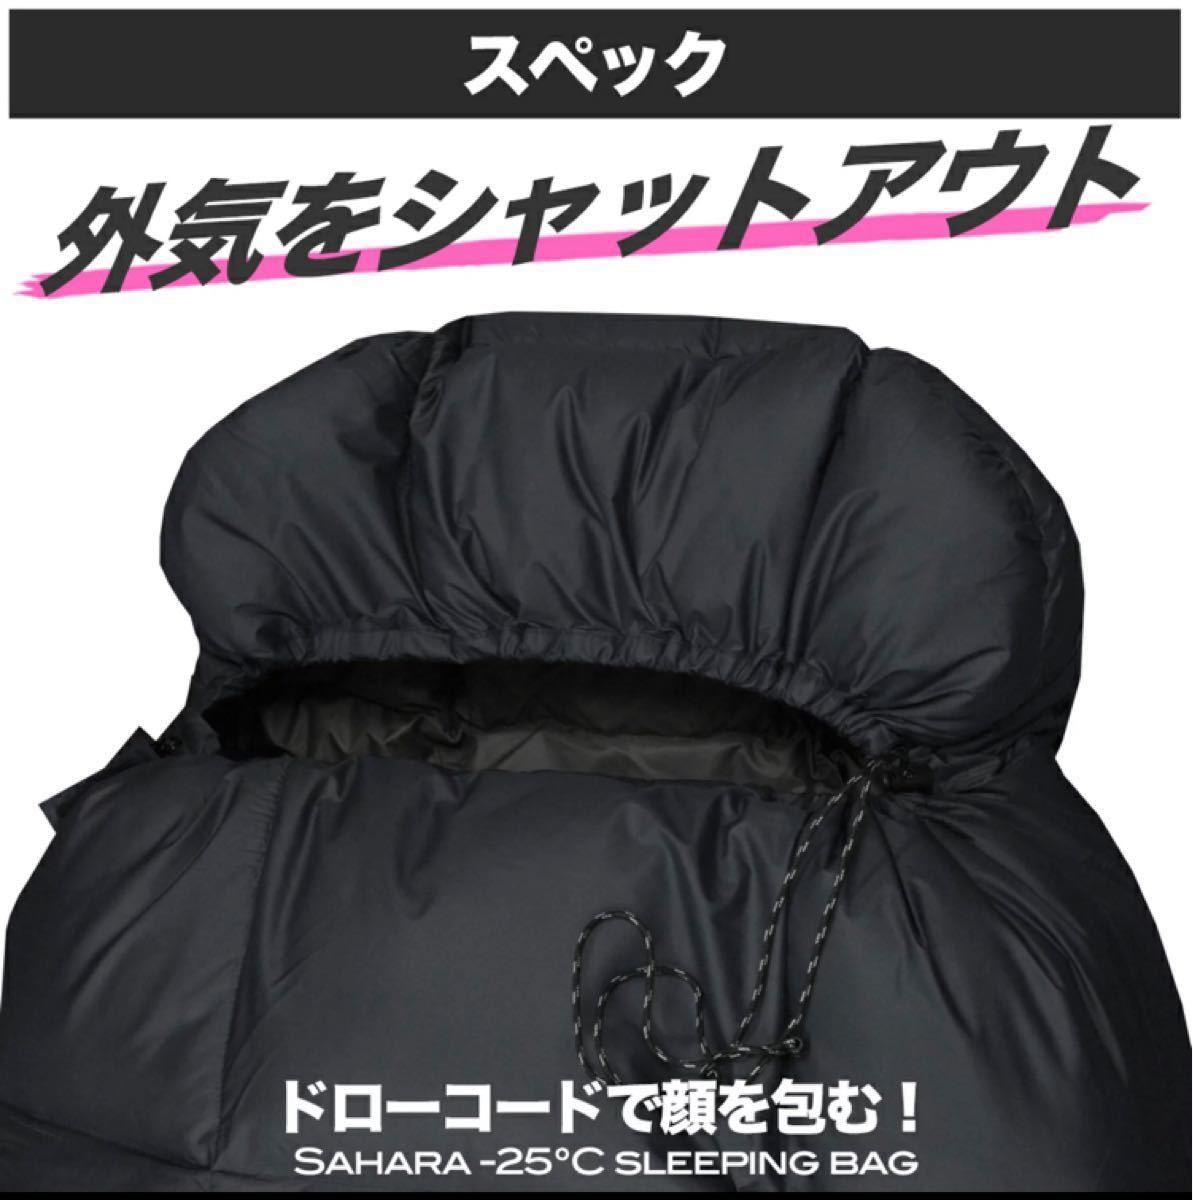 冬用 寝袋 極暖 -25℃ ダウン 迷彩 シュラフ 丸洗い 封筒型 キャンプ 最低使用温度 耐寒 コンパクト 非常用 防災 秋冬用